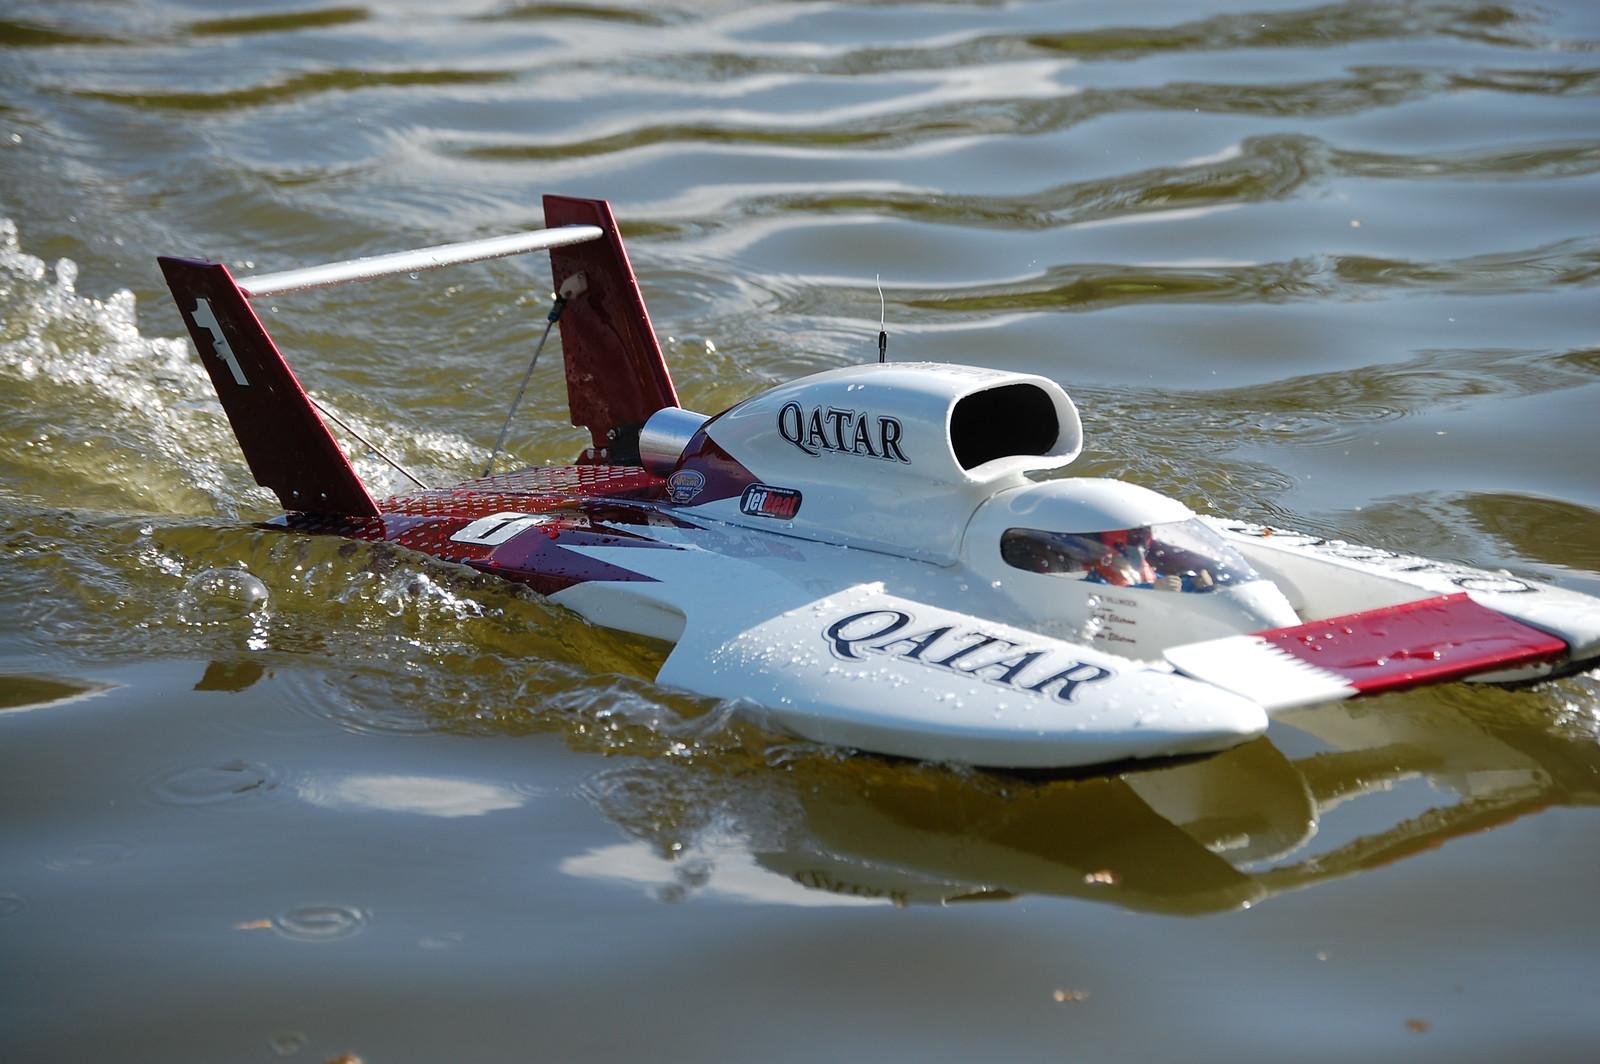 u1 qatar-2